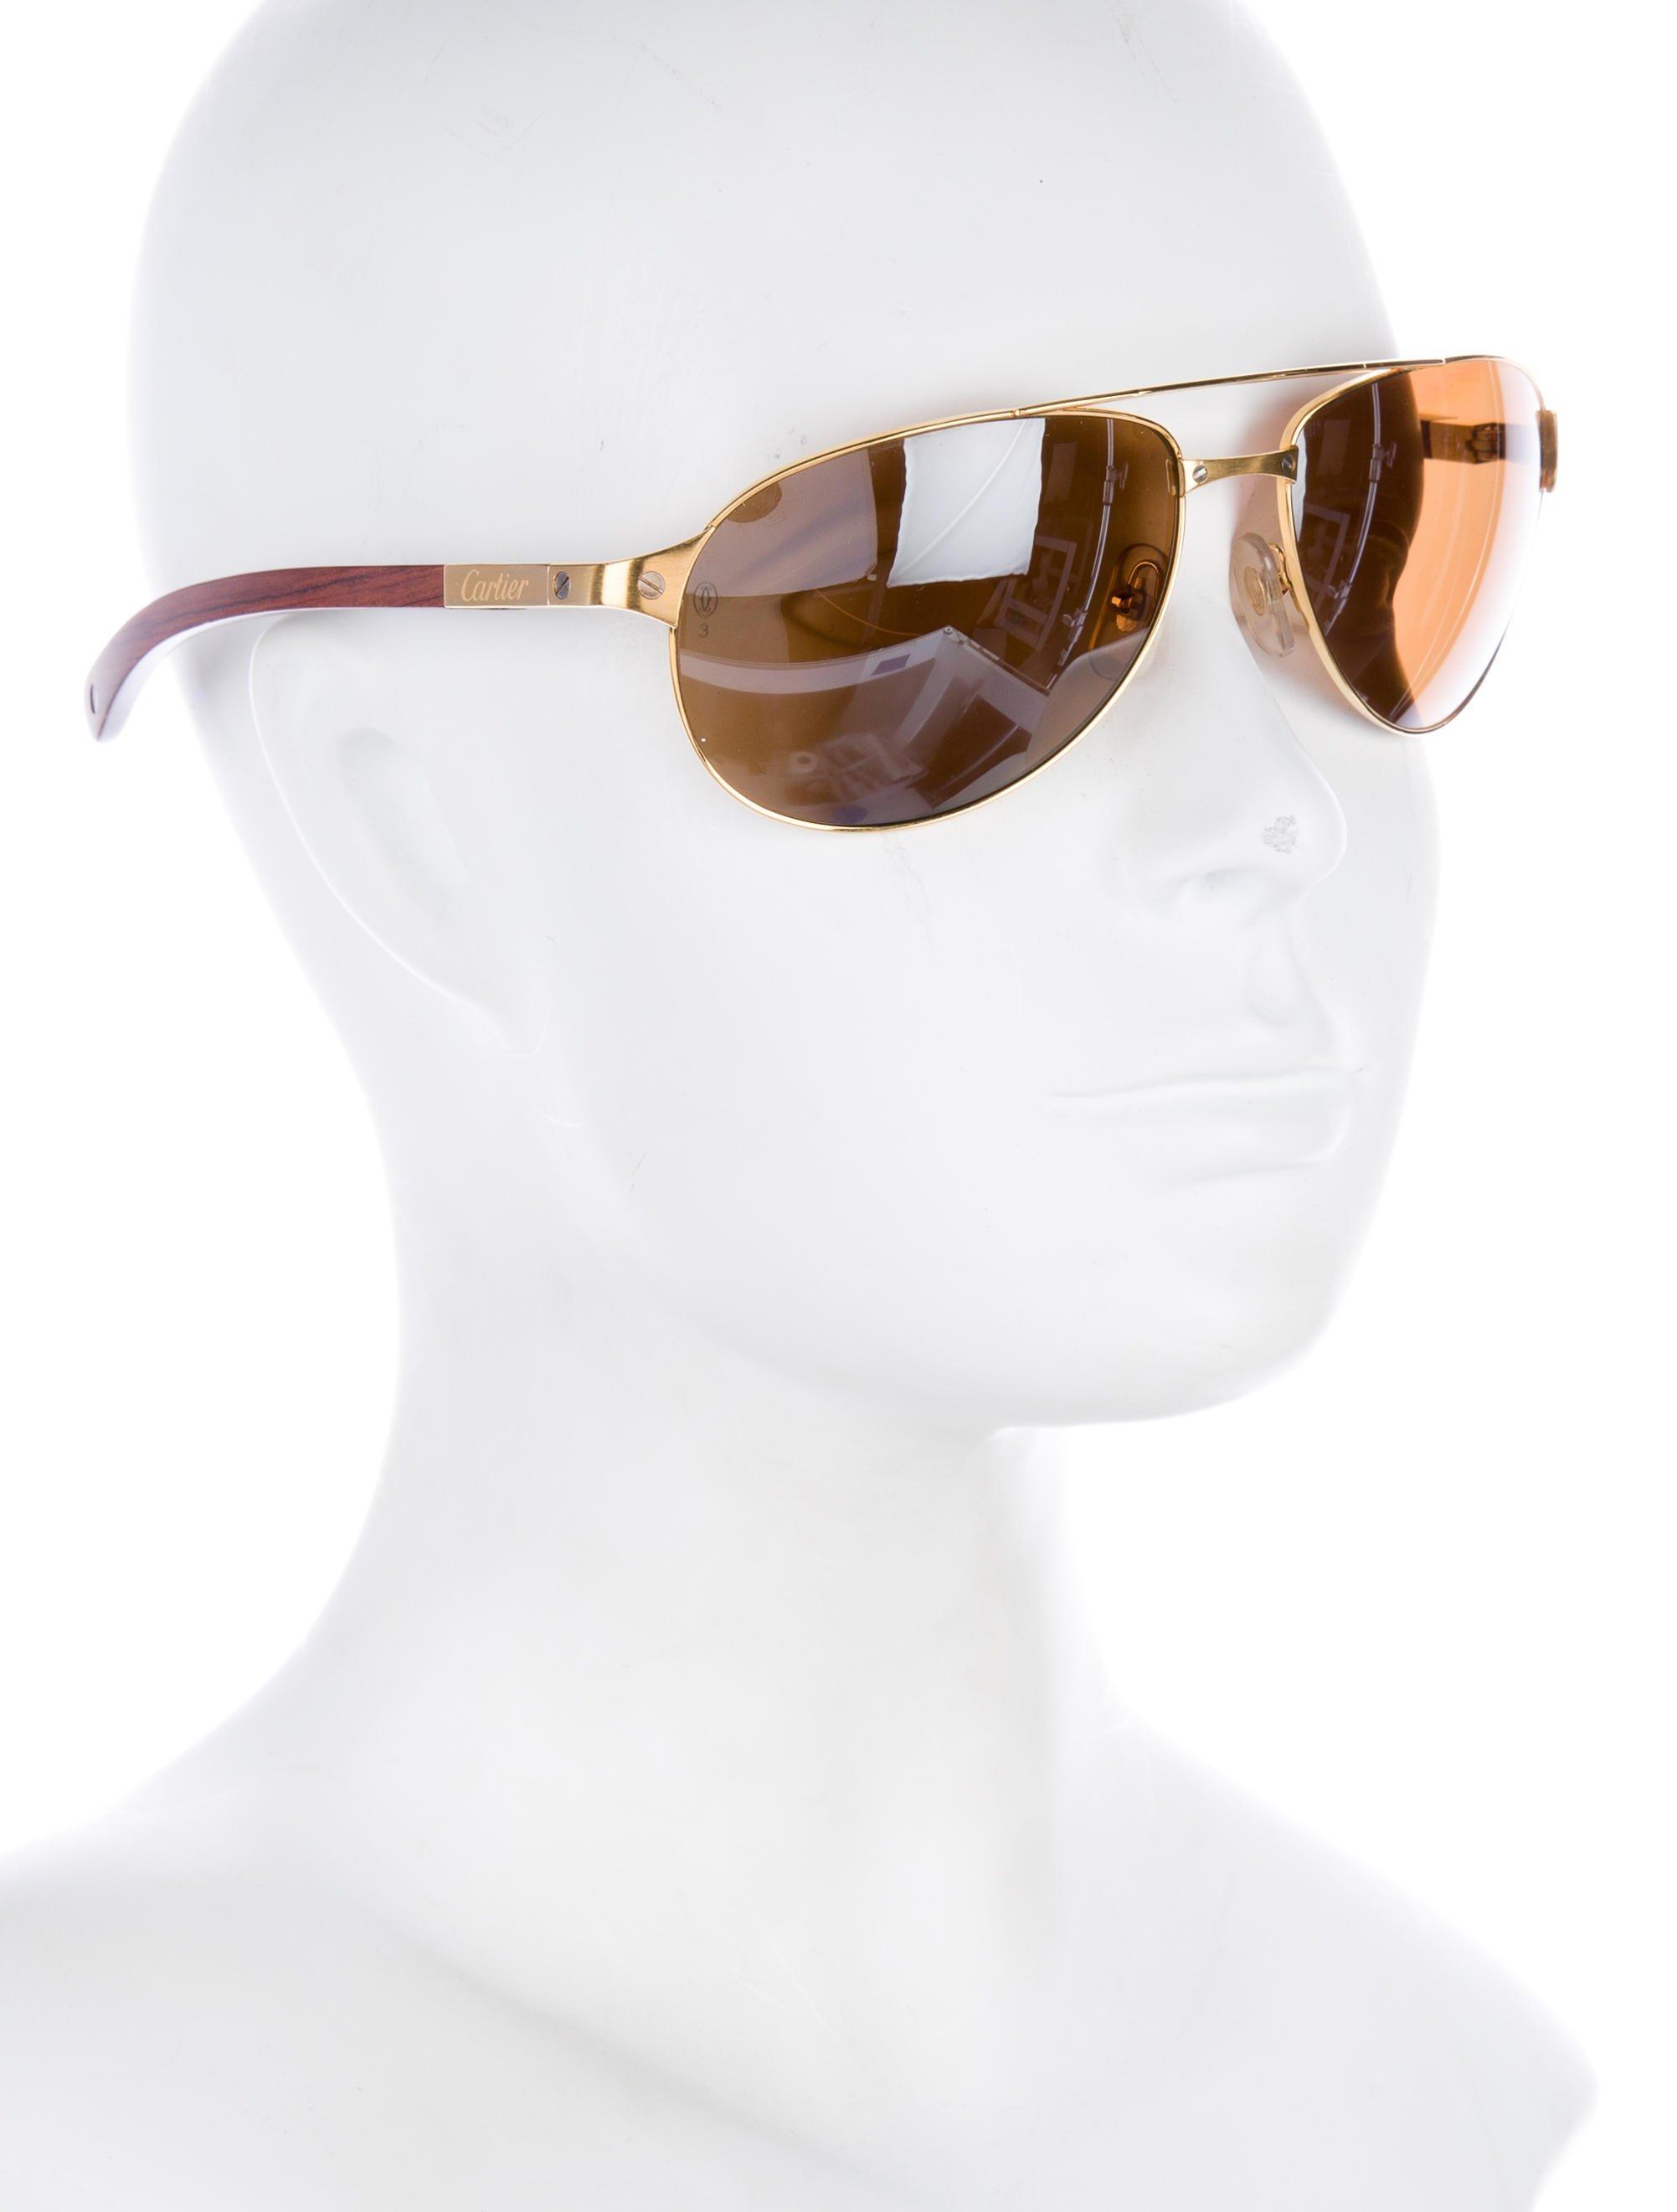 68b5e90ea92 Lyst - Cartier 2016 Edition Santos-dumont Wooden Sunglasses W  Tags ...